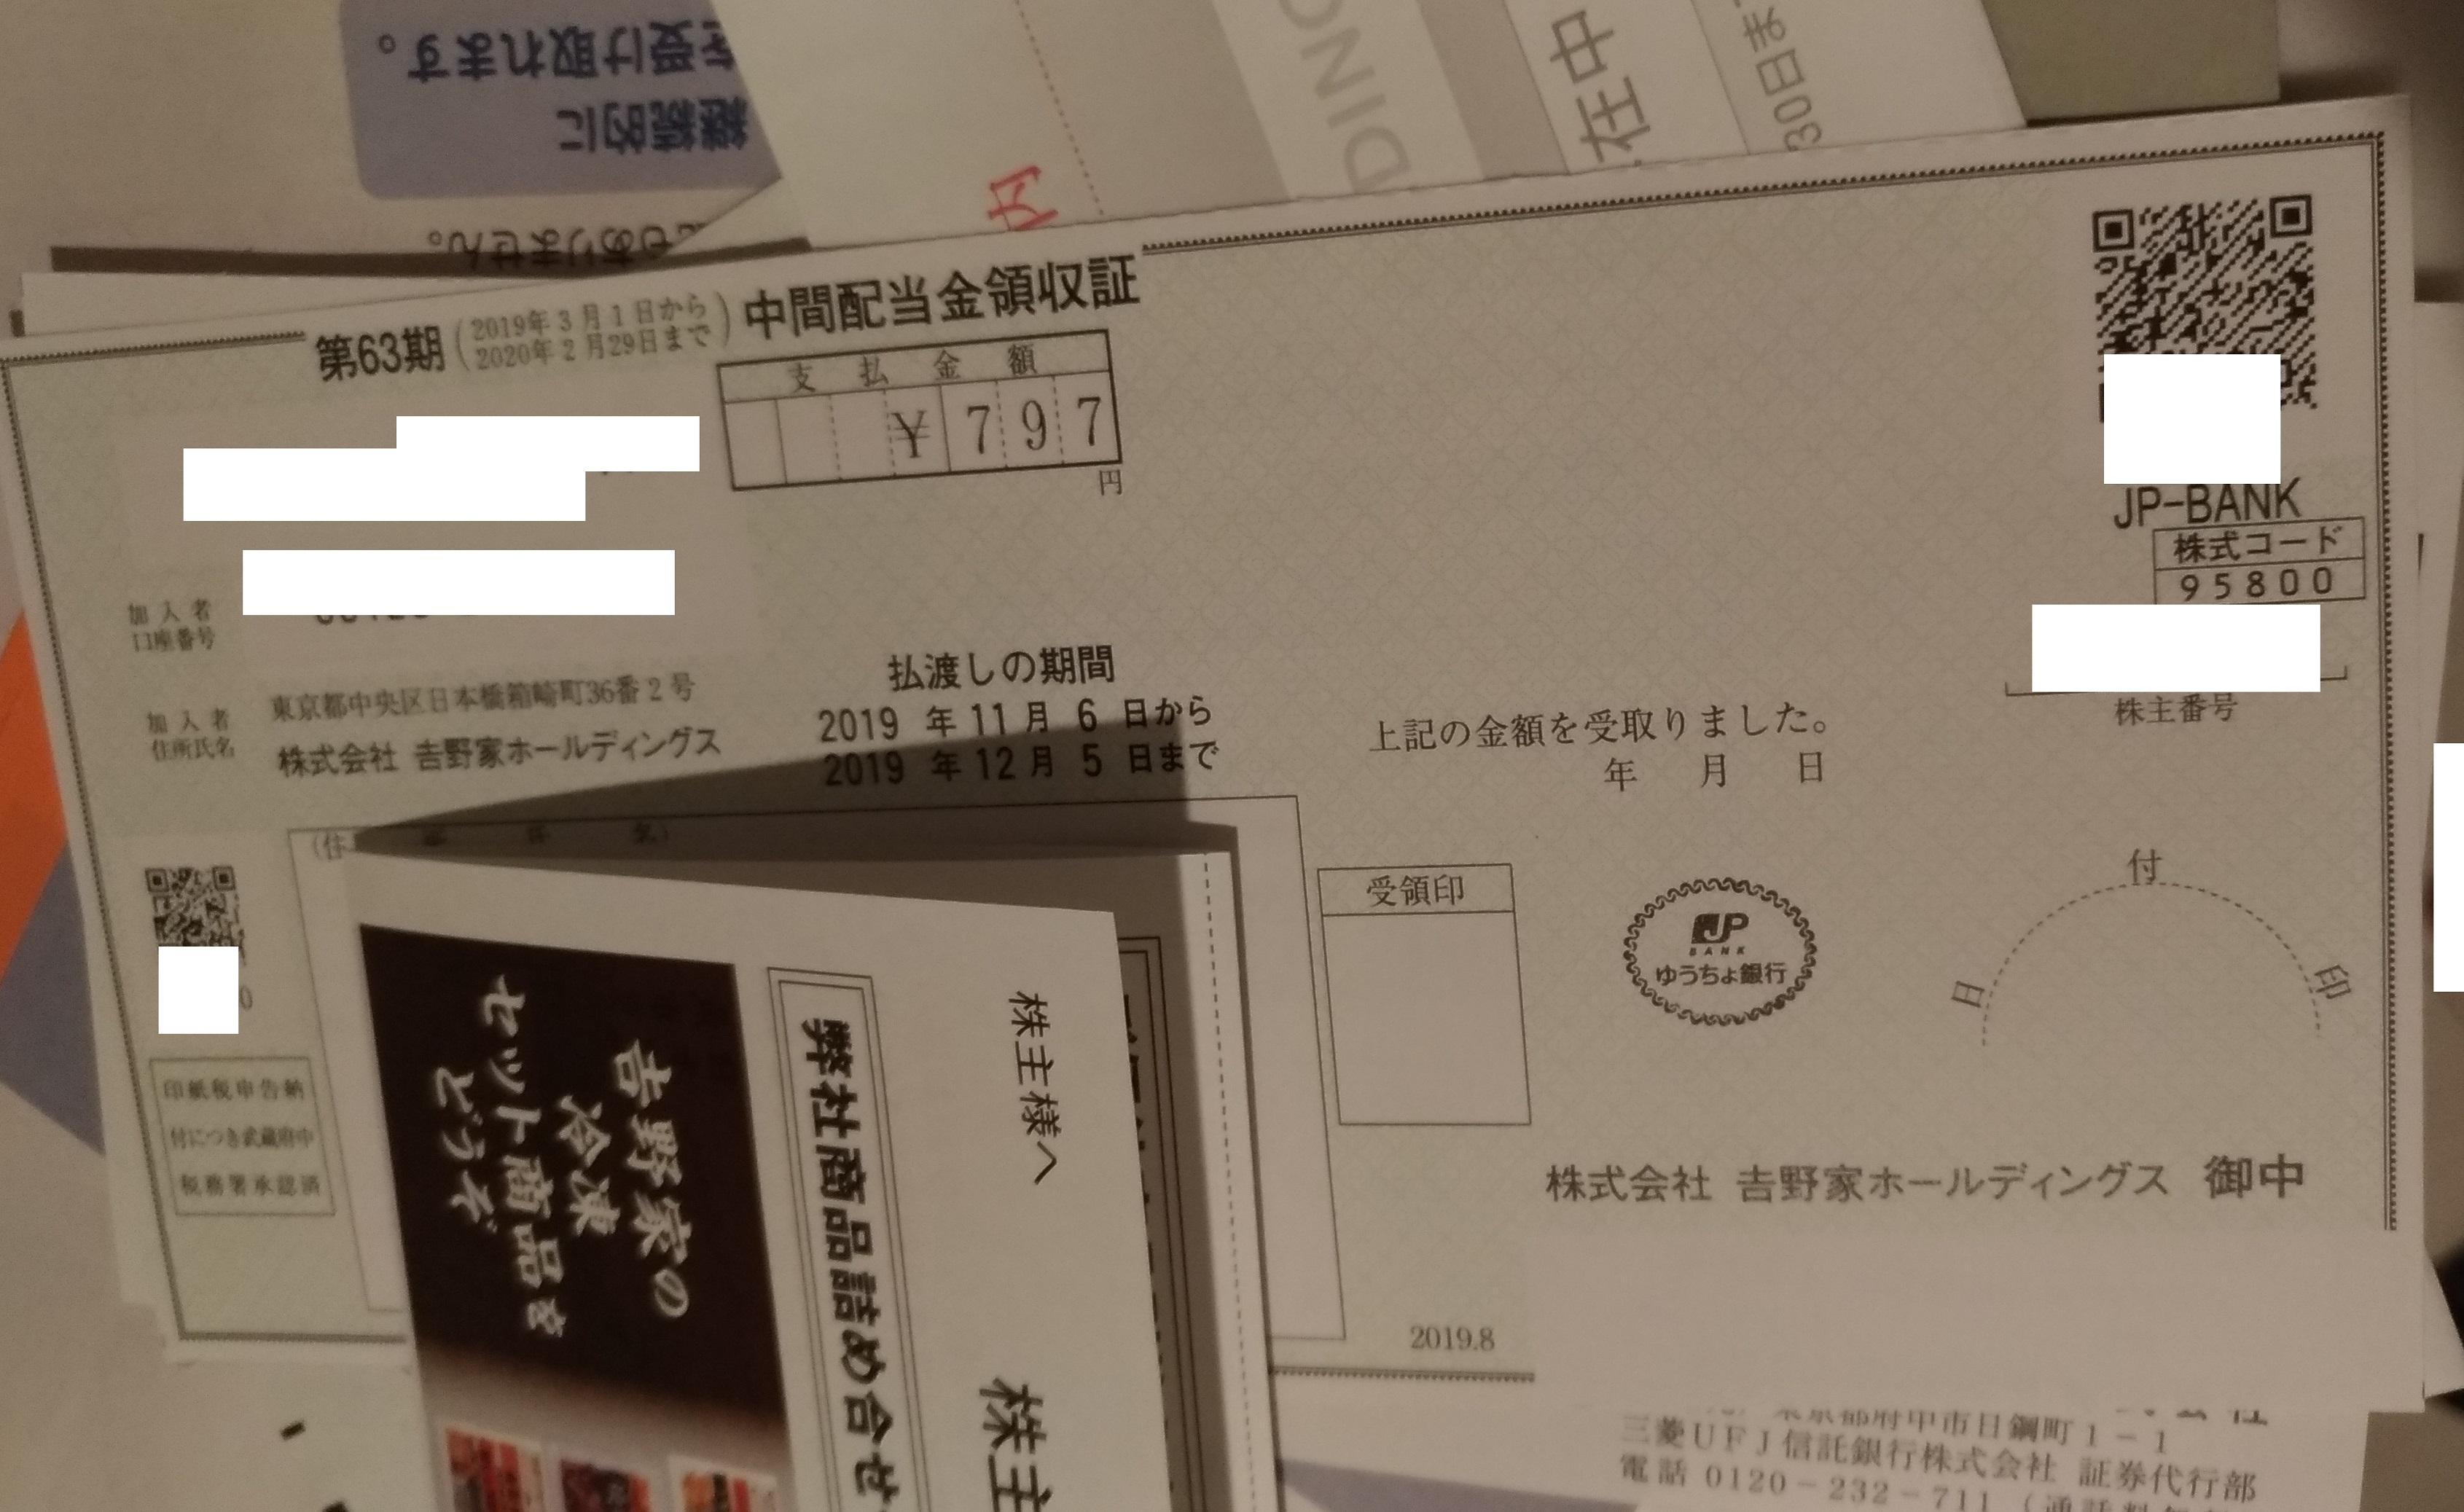 haito_ikura_yoshinoya201911.jpg